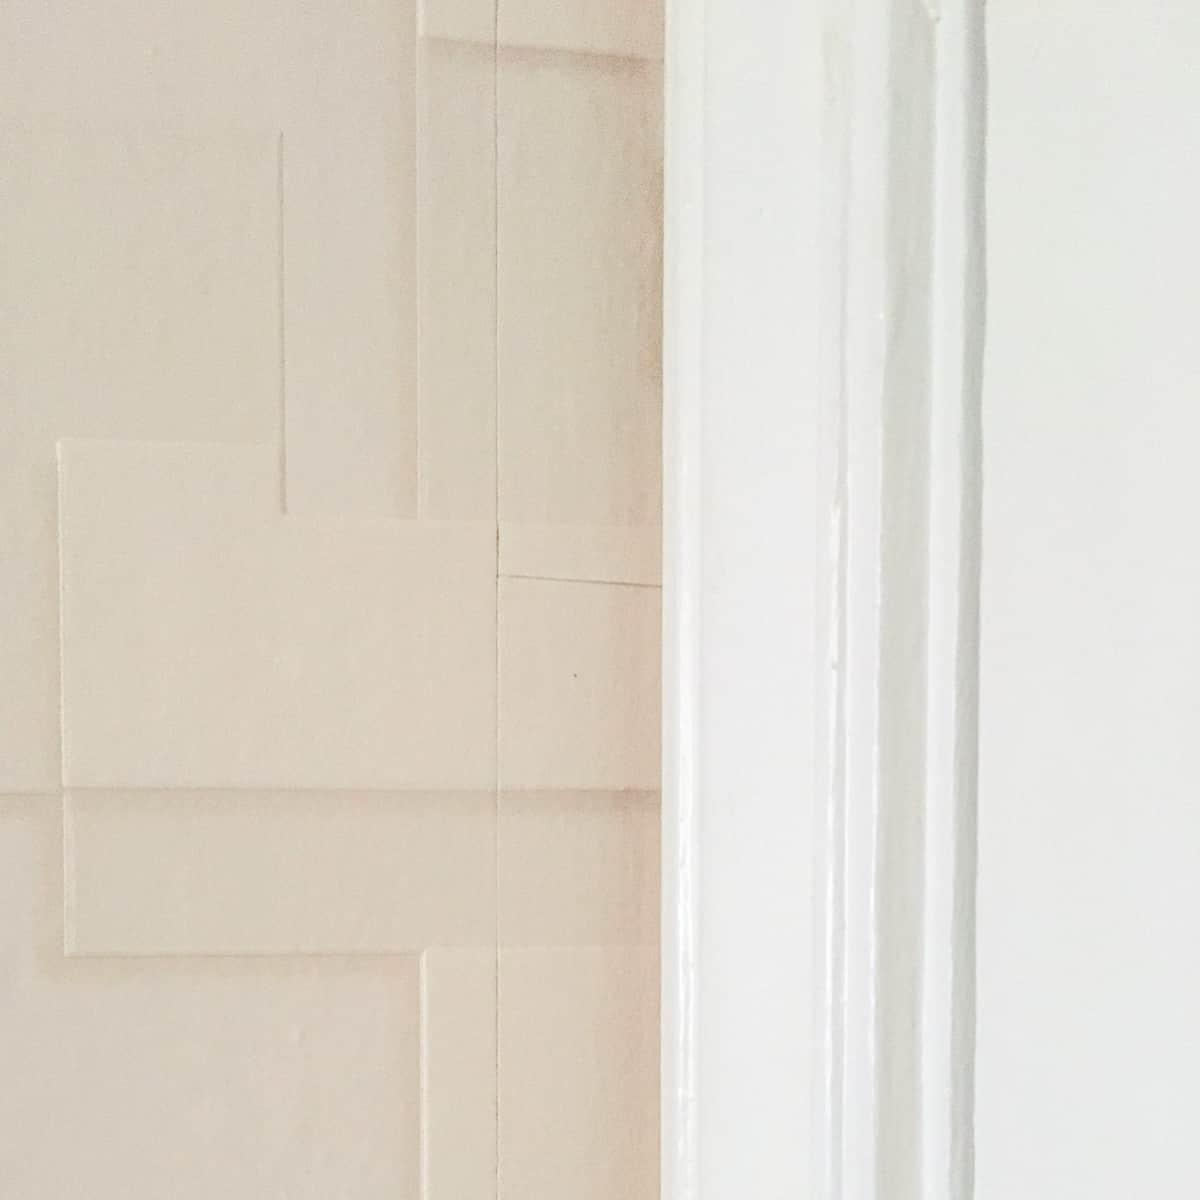 textured wallpaper behind door trim